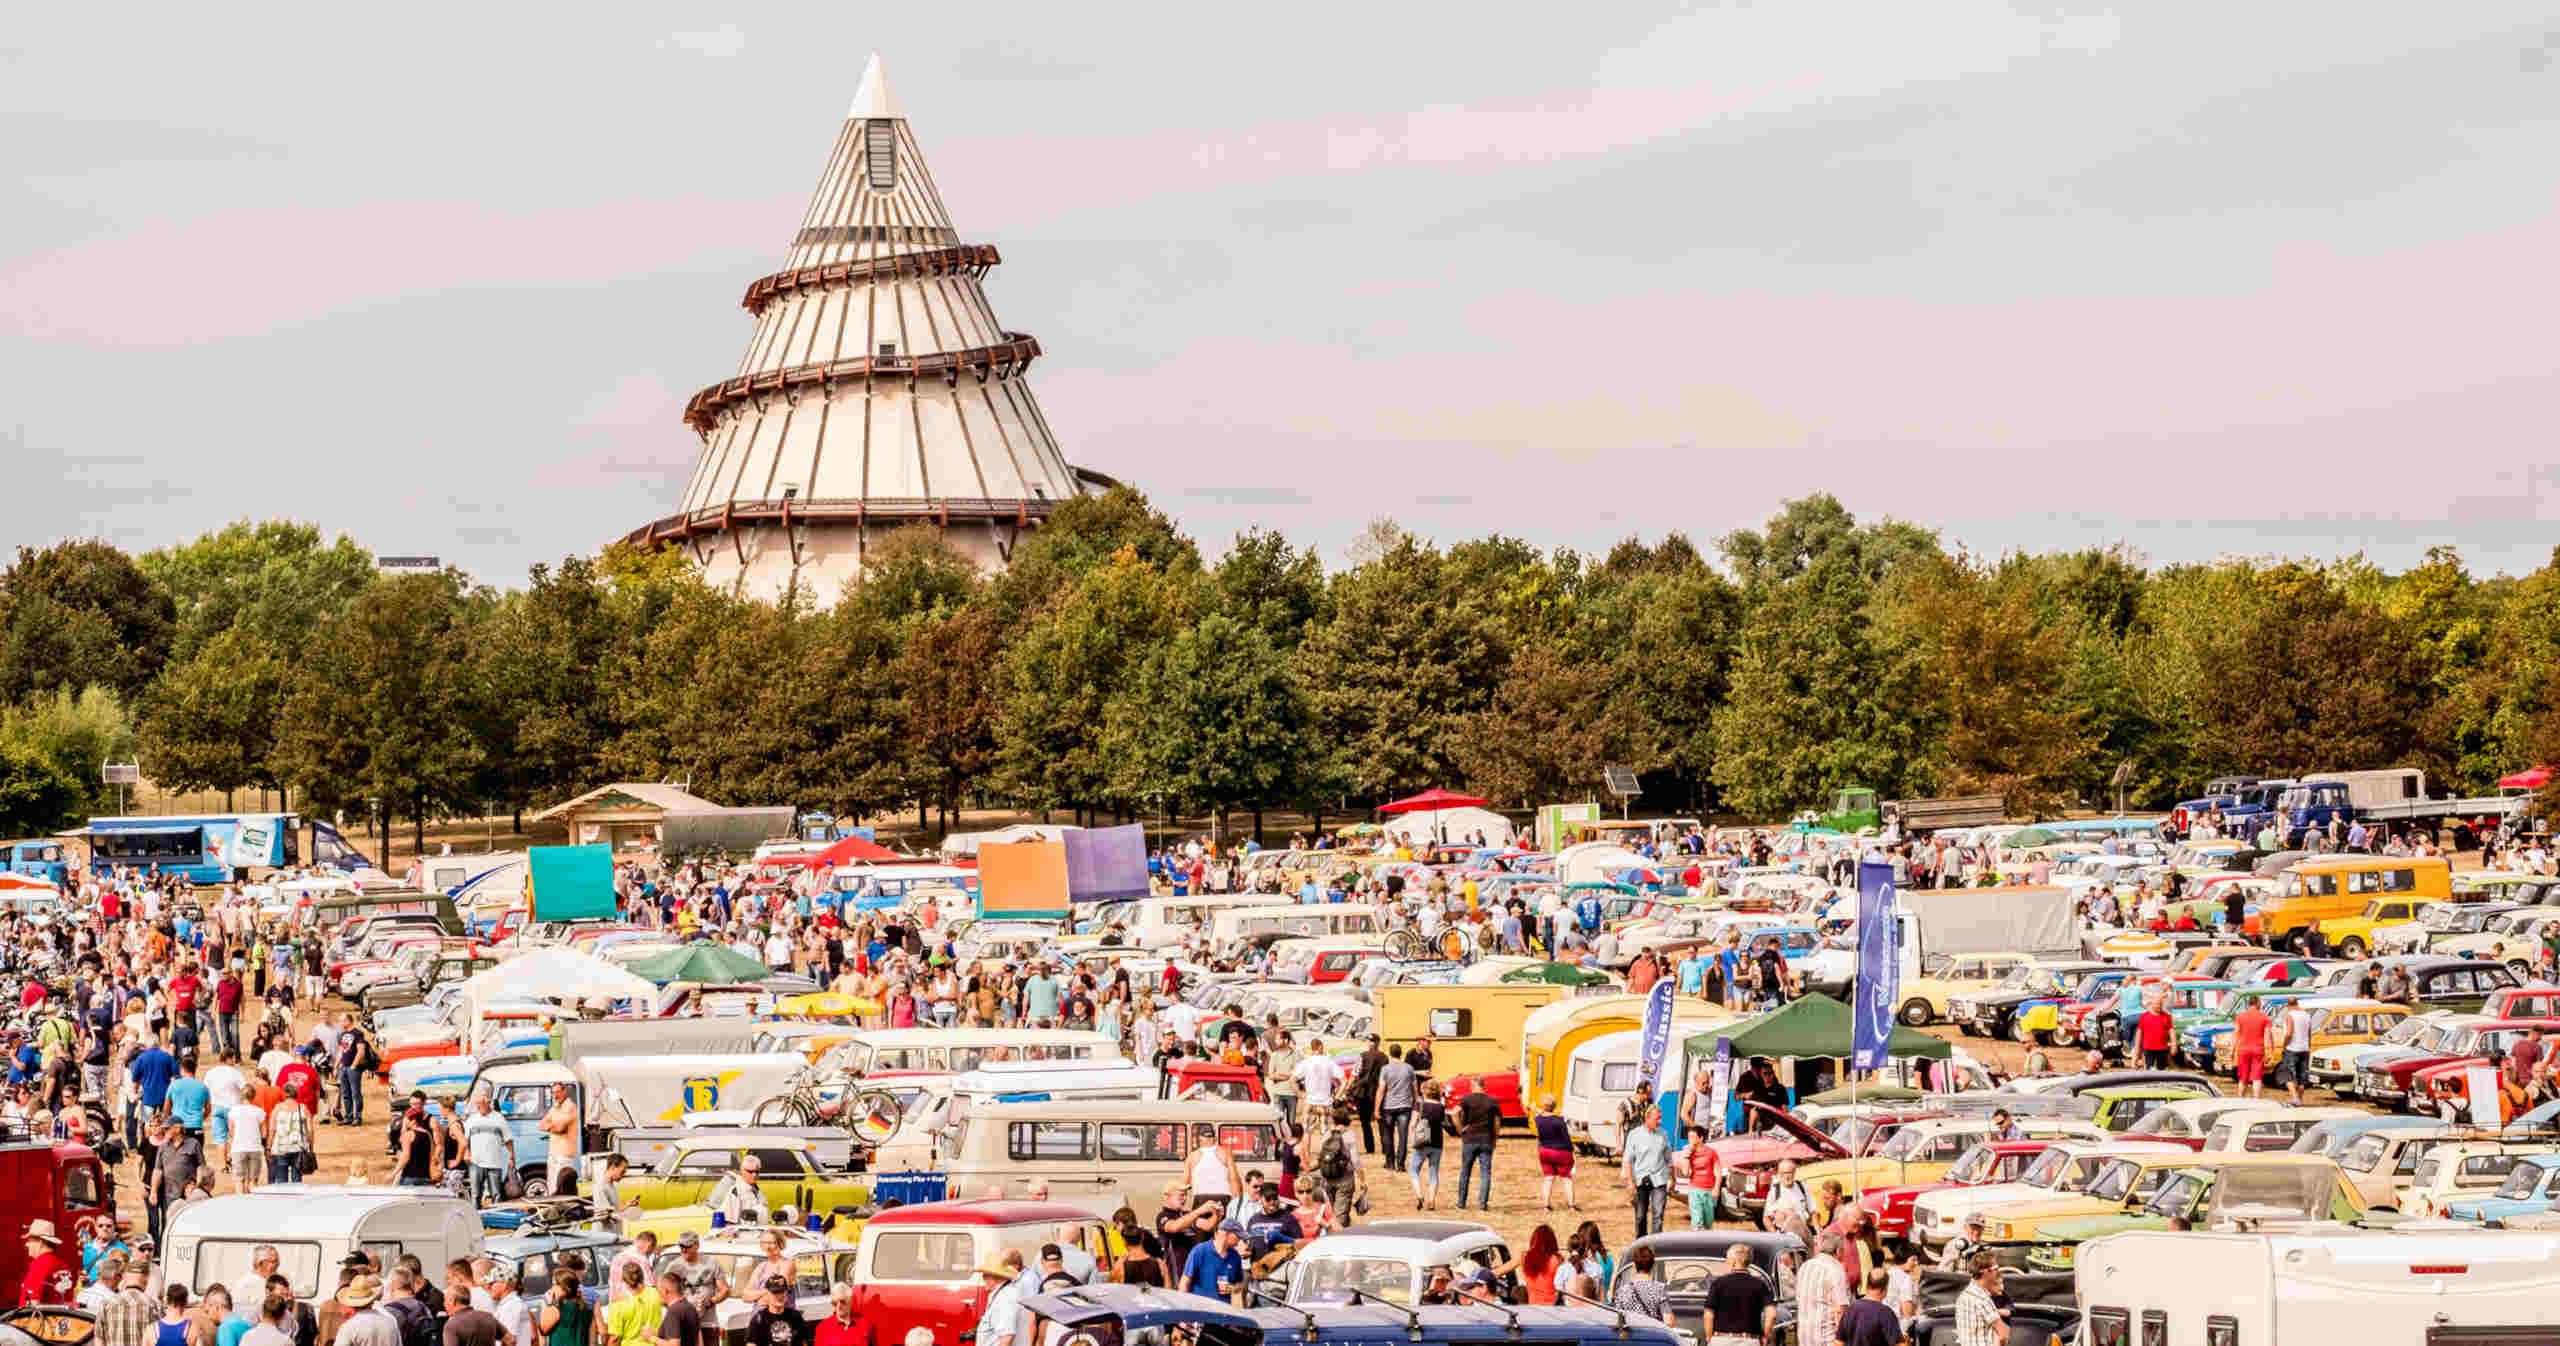 Veranstaltungen im Elbauenpark in Magdeburg